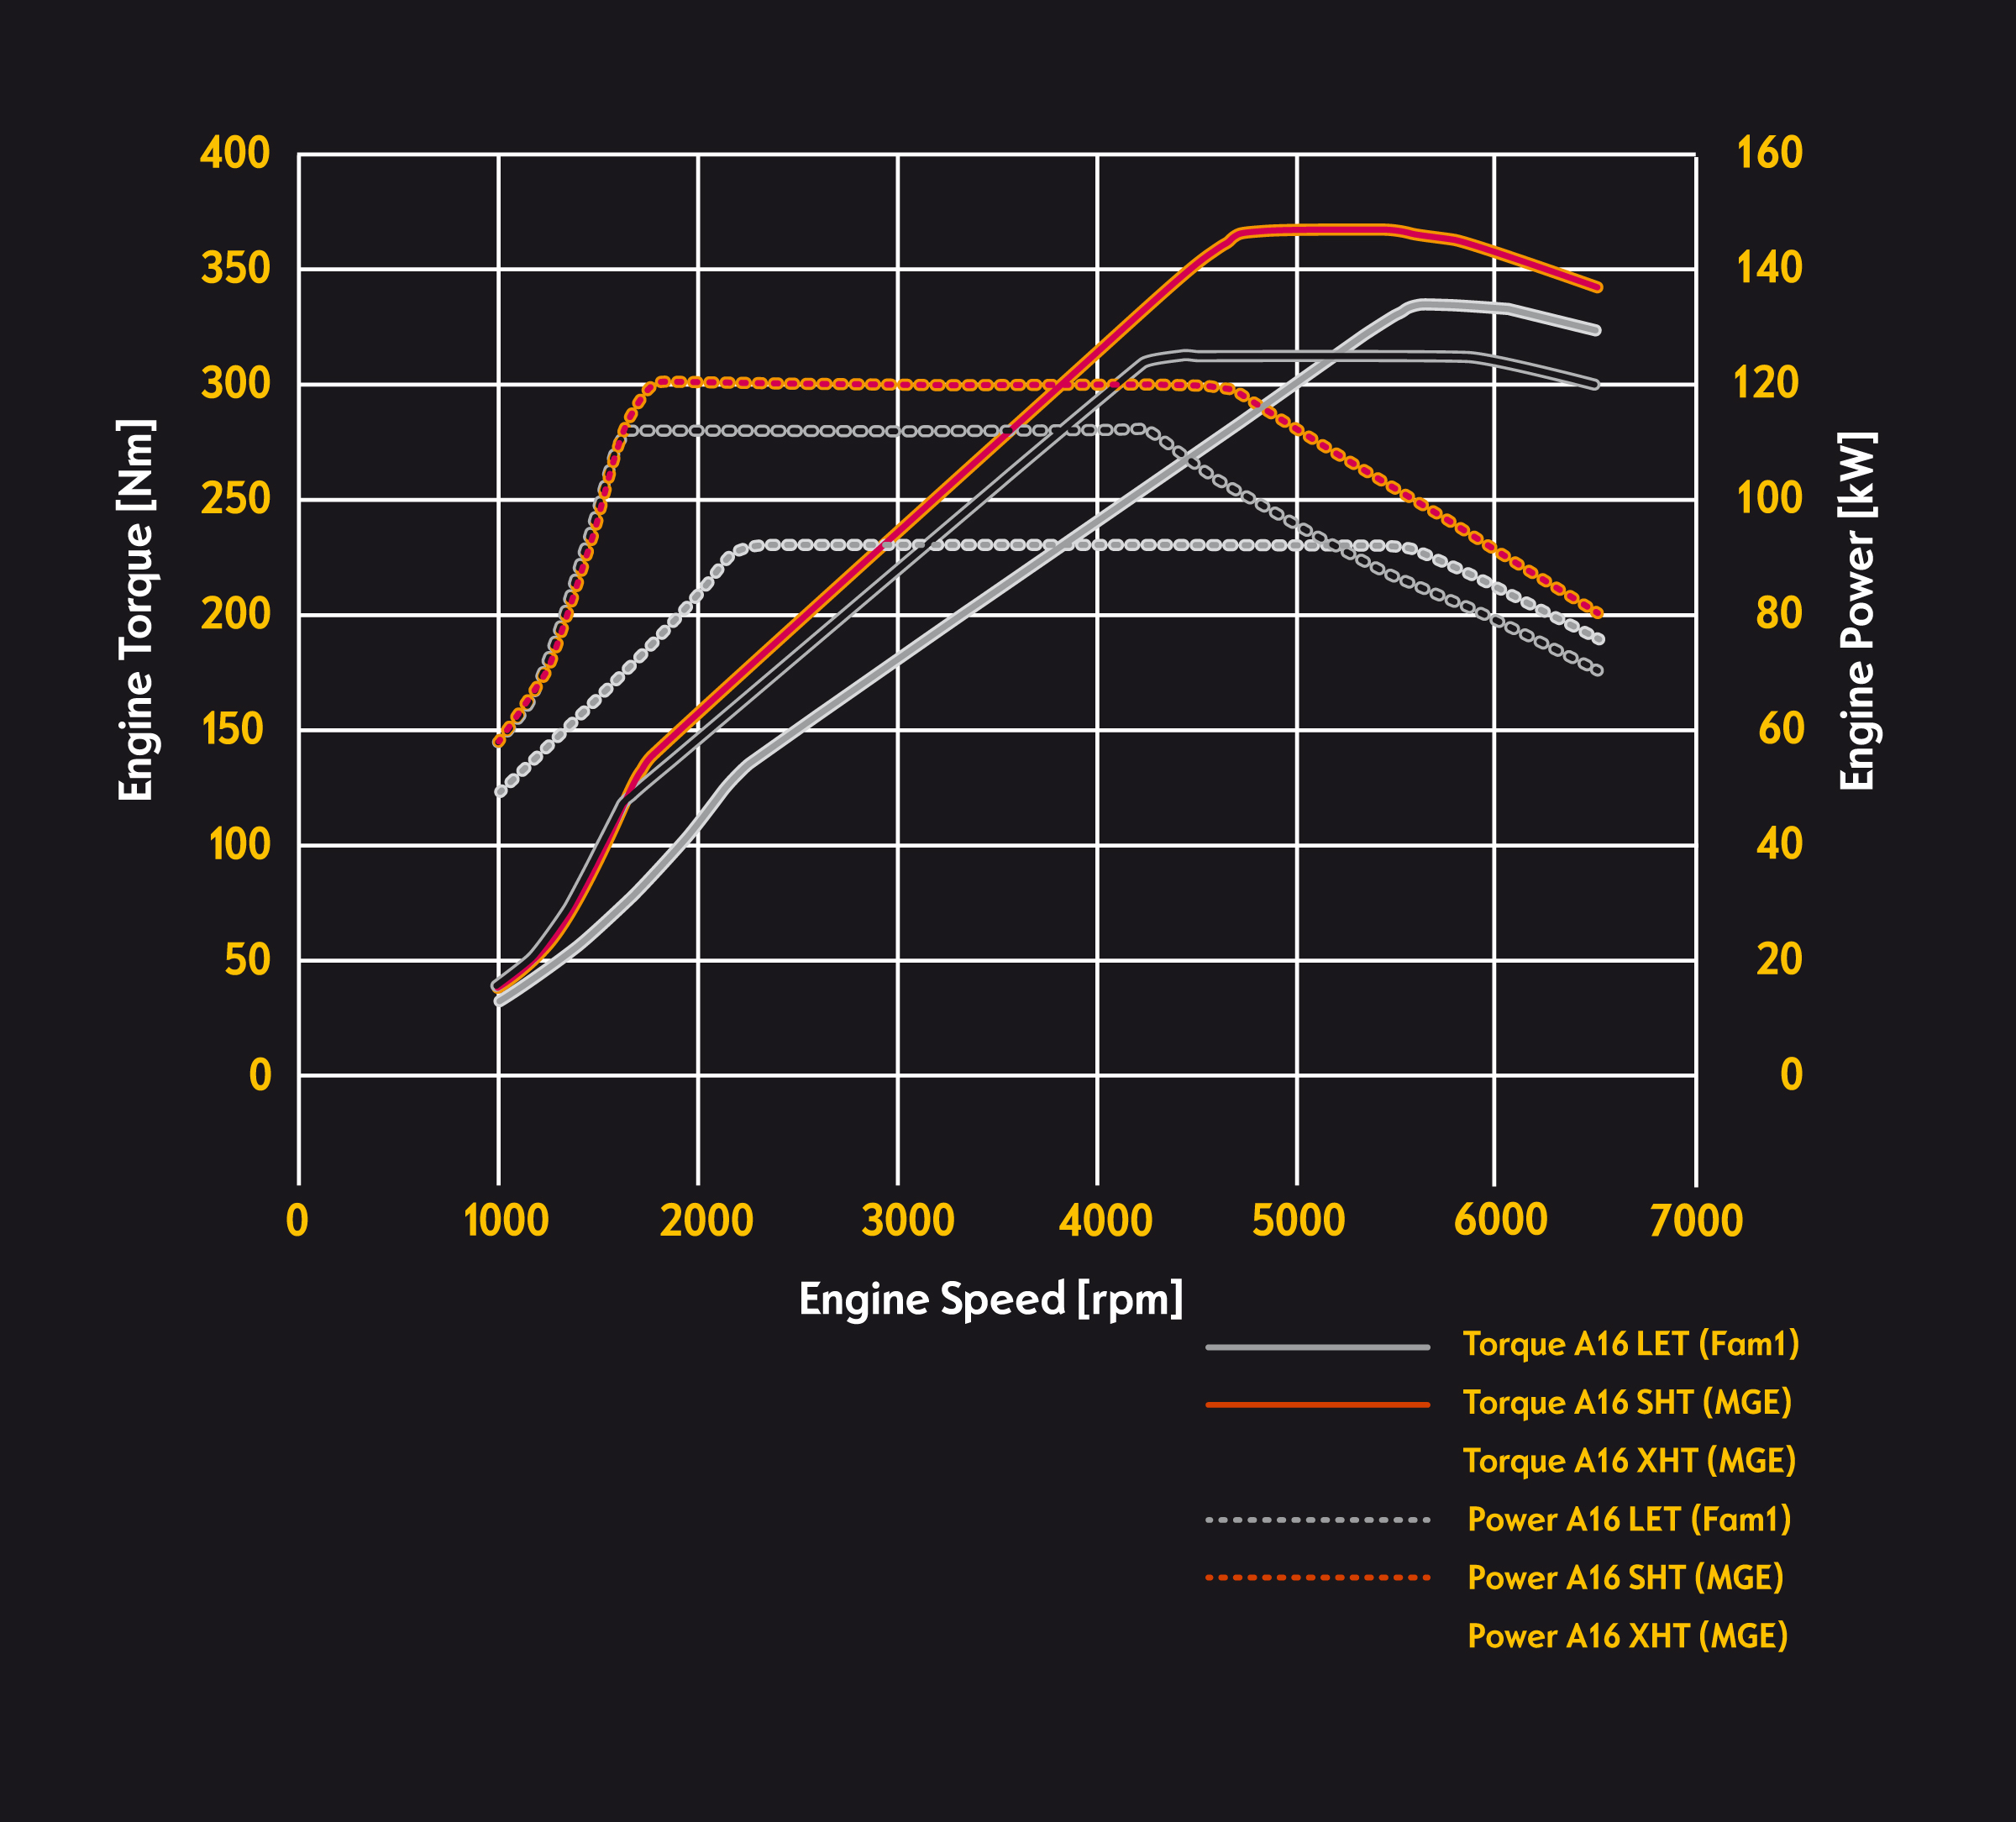 Courbes de performances du 1,6l SIDI Turbo